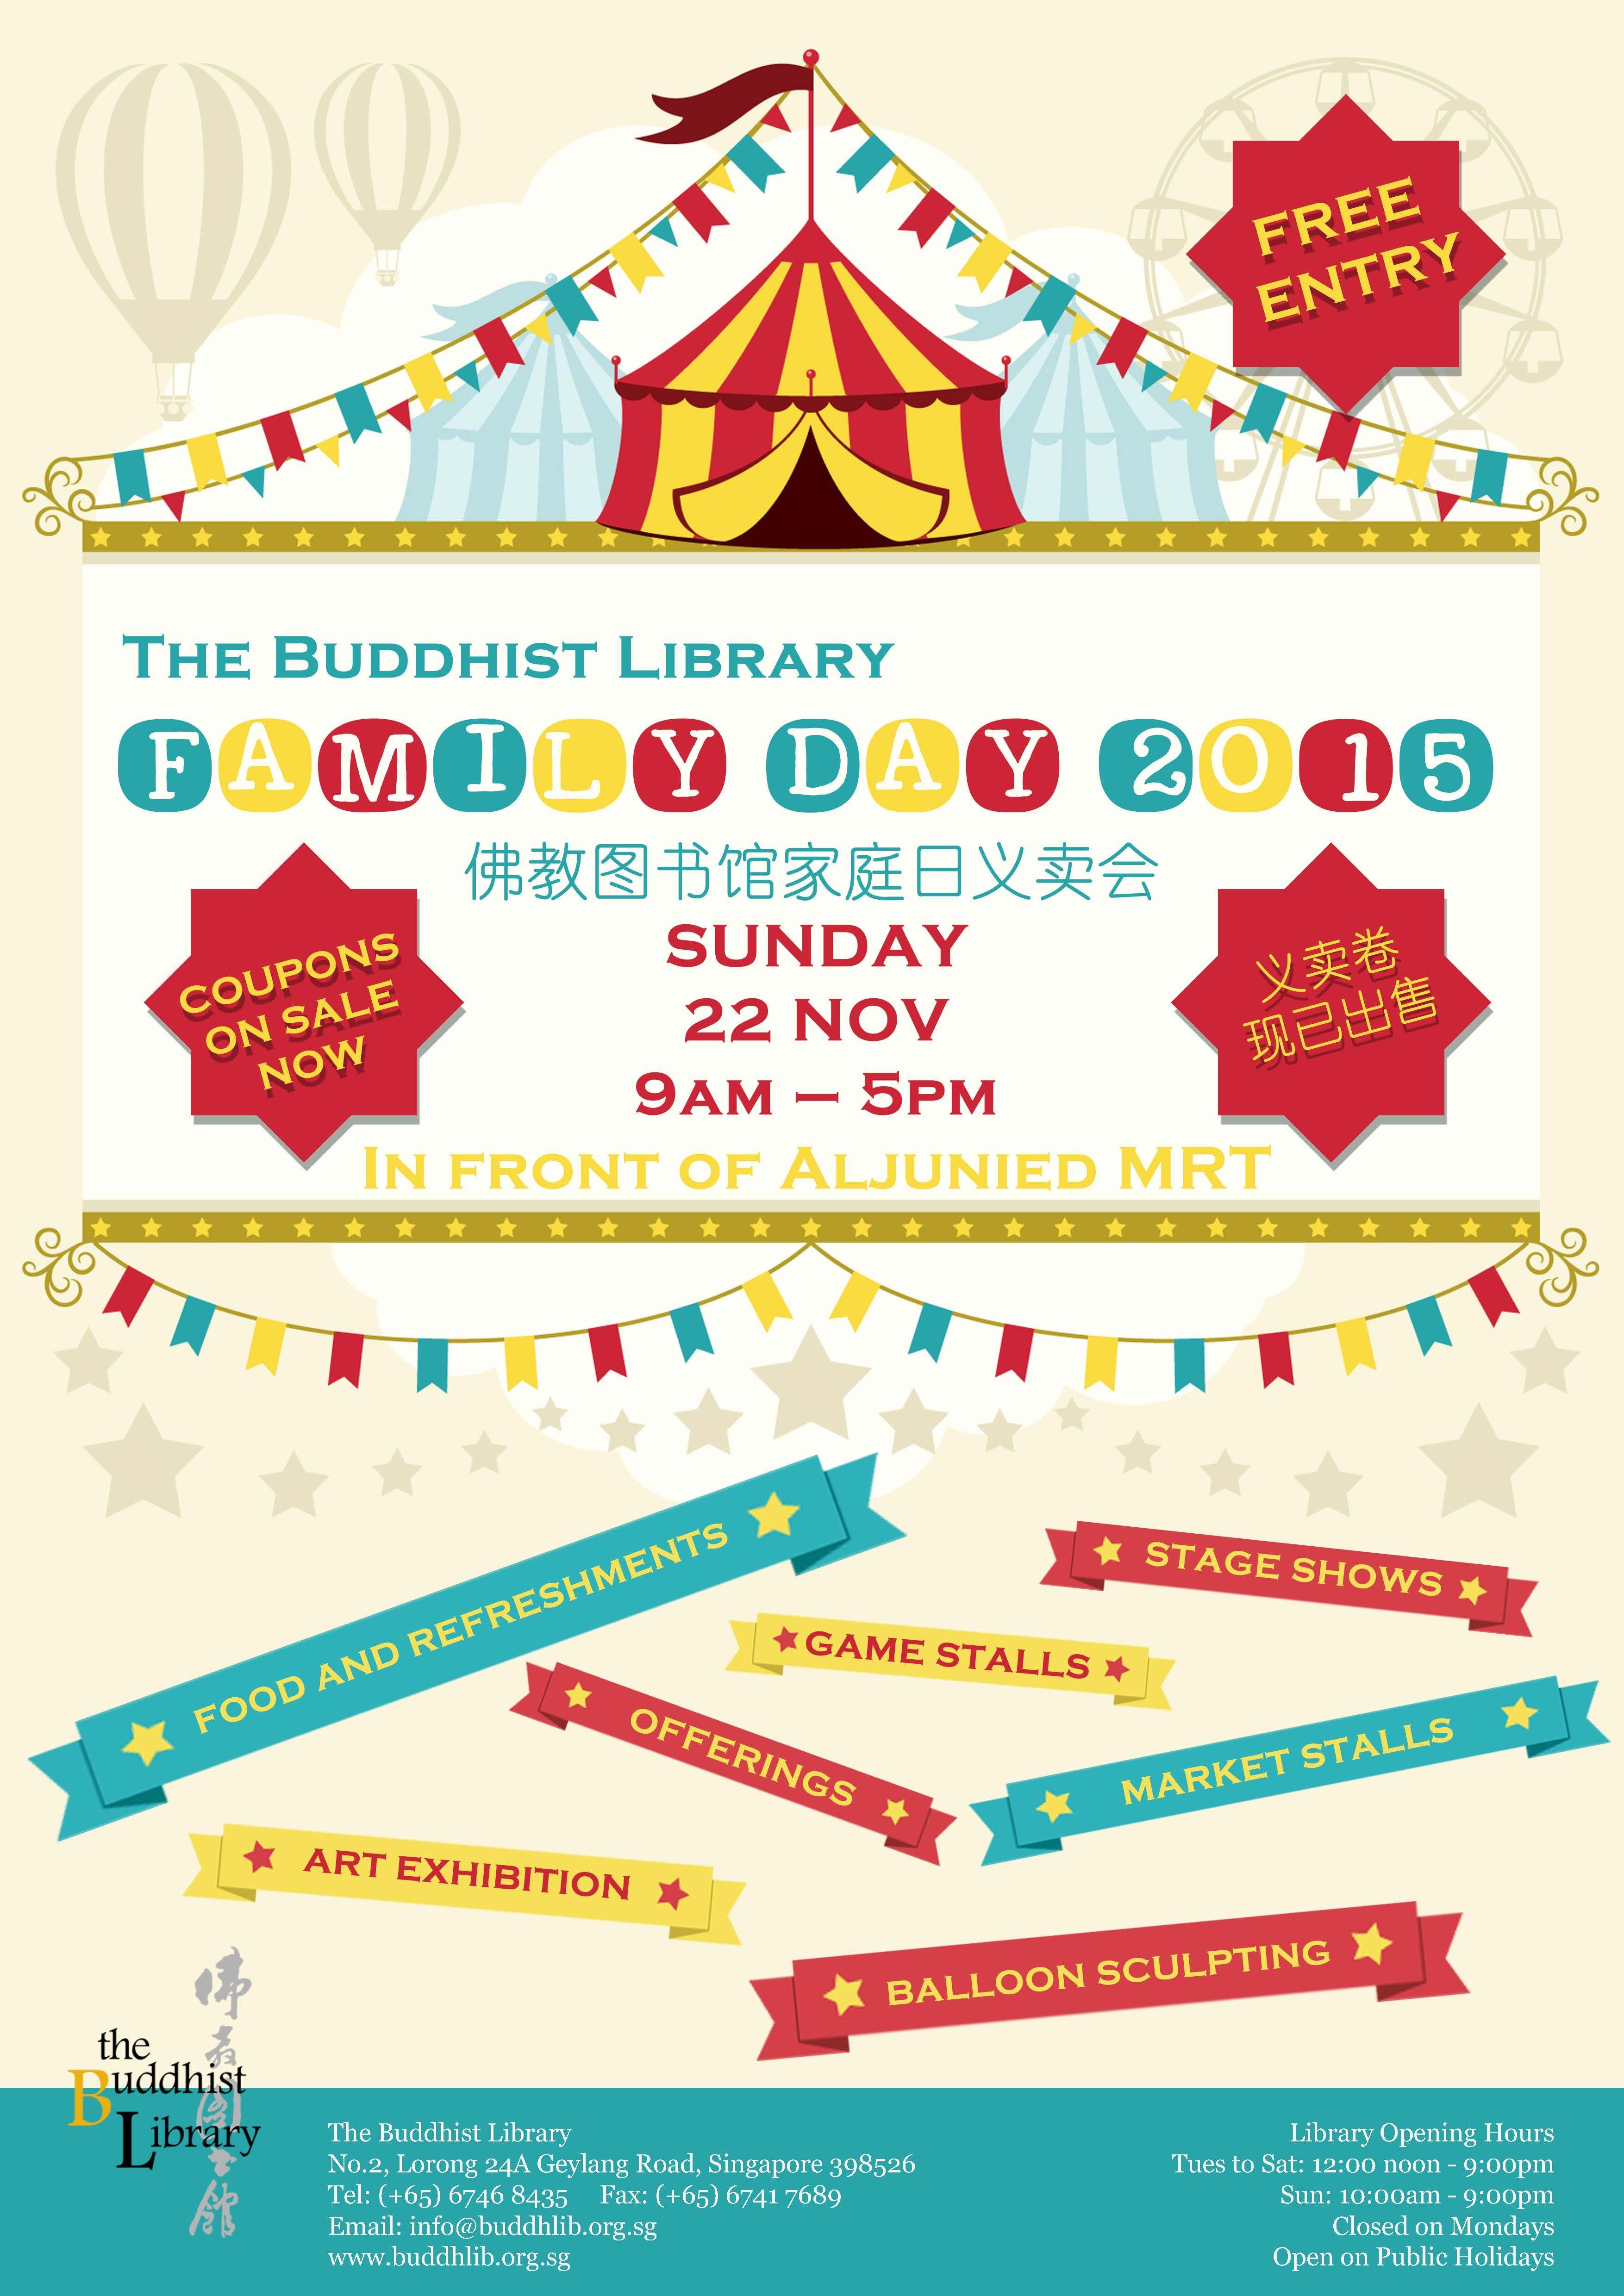 Buddhist Library Family Day Funfair 2015 Poster €� Illustration:  Freepik